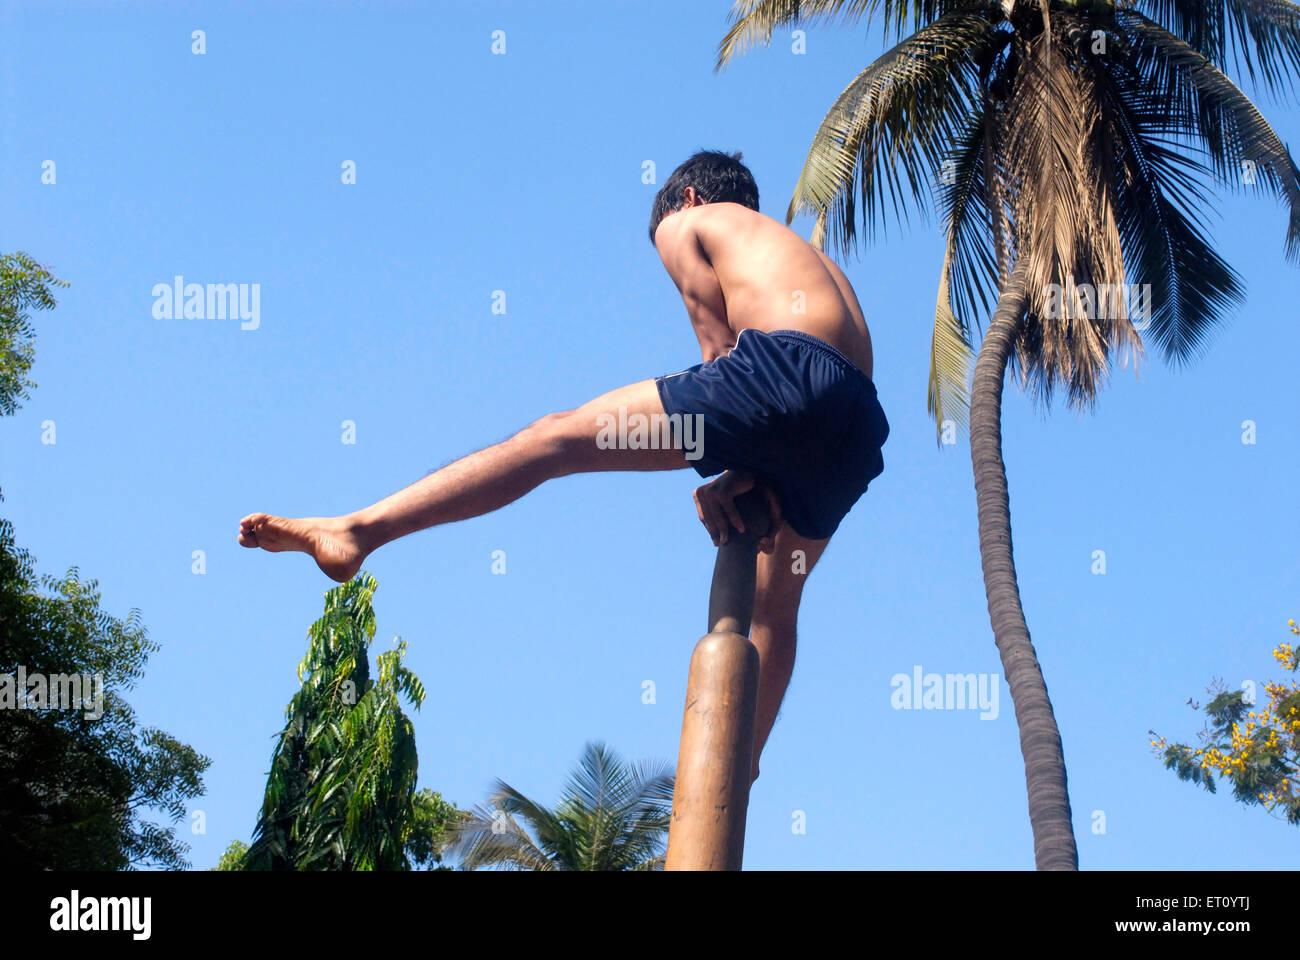 Malkhamb joven realizando gimnasia Thane ; ; ; Maharashtra India 2009 Imagen De Stock